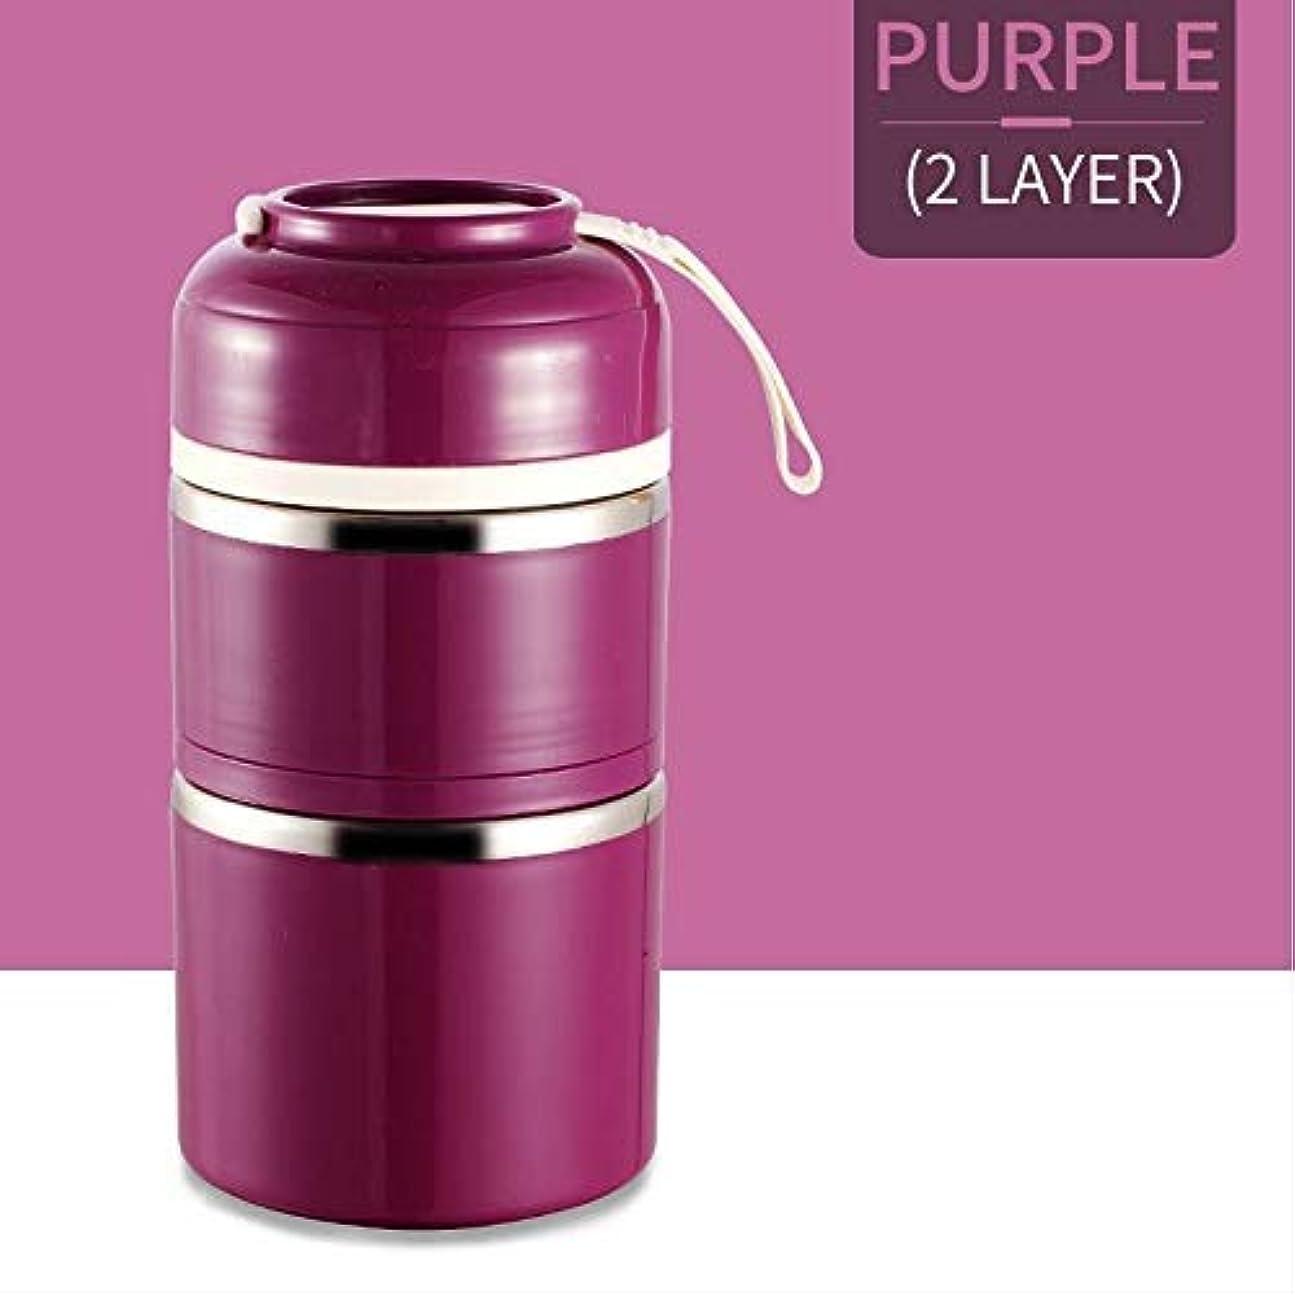 メンタリティクリケット毎月かわいいサーマルランチボックス漏れ防止のステンレススチール製の弁当箱ポータブルピクニック学校食品容器キッチンはデイジー家庭用品で再利用可能な用品(色:グレー2つのレイヤー) (Color : Purple 2 Layers)